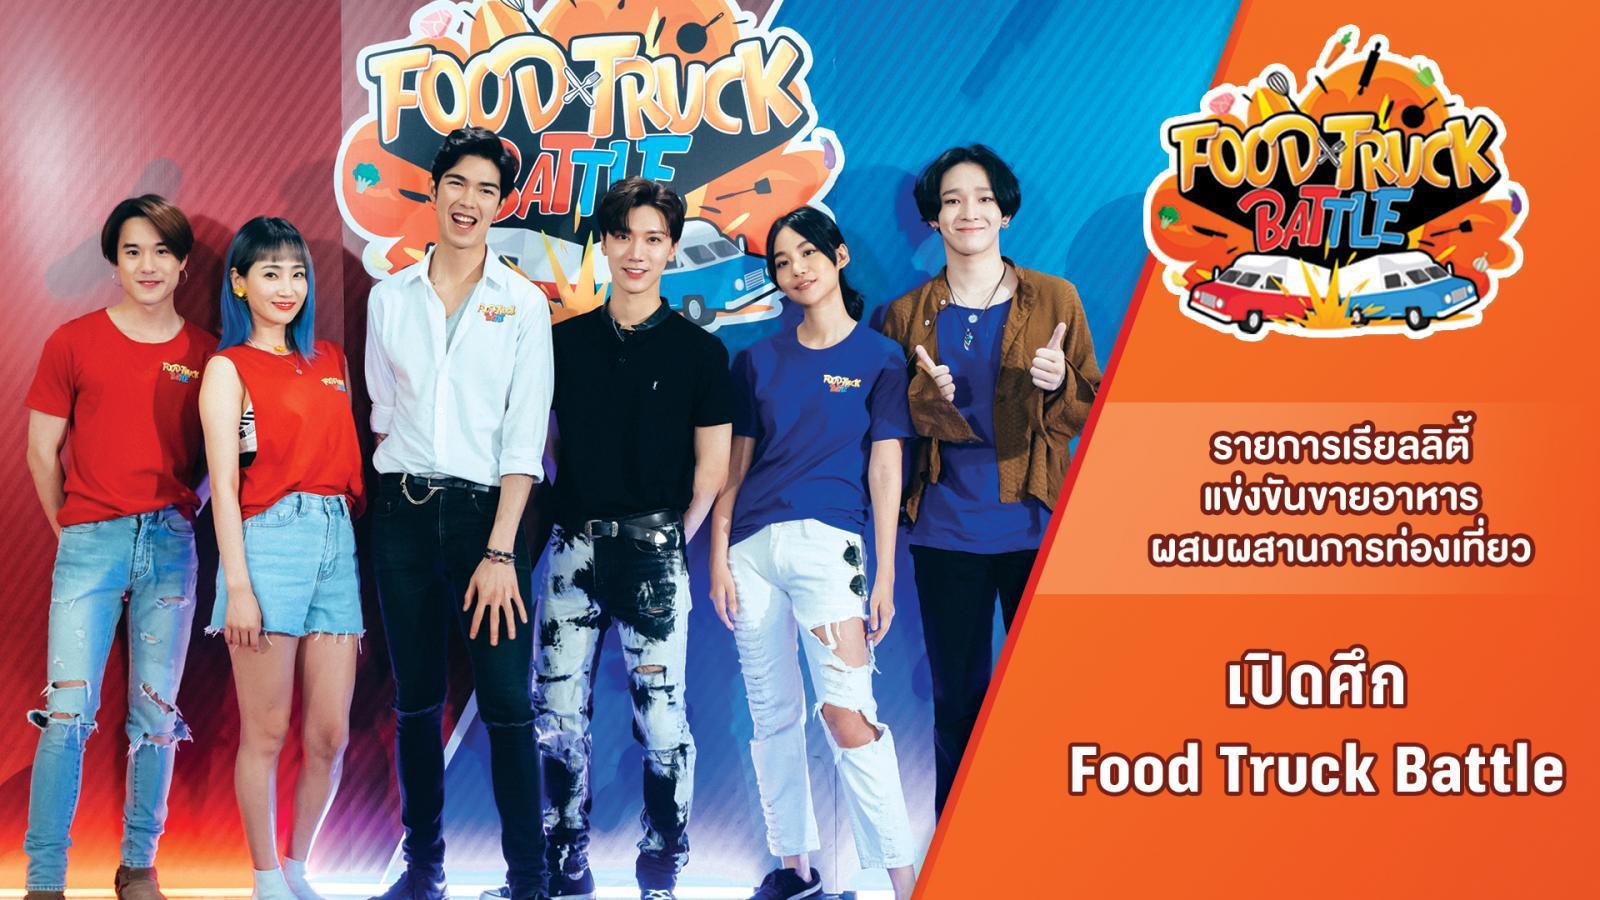 เปิดศึก Food Truck Battle